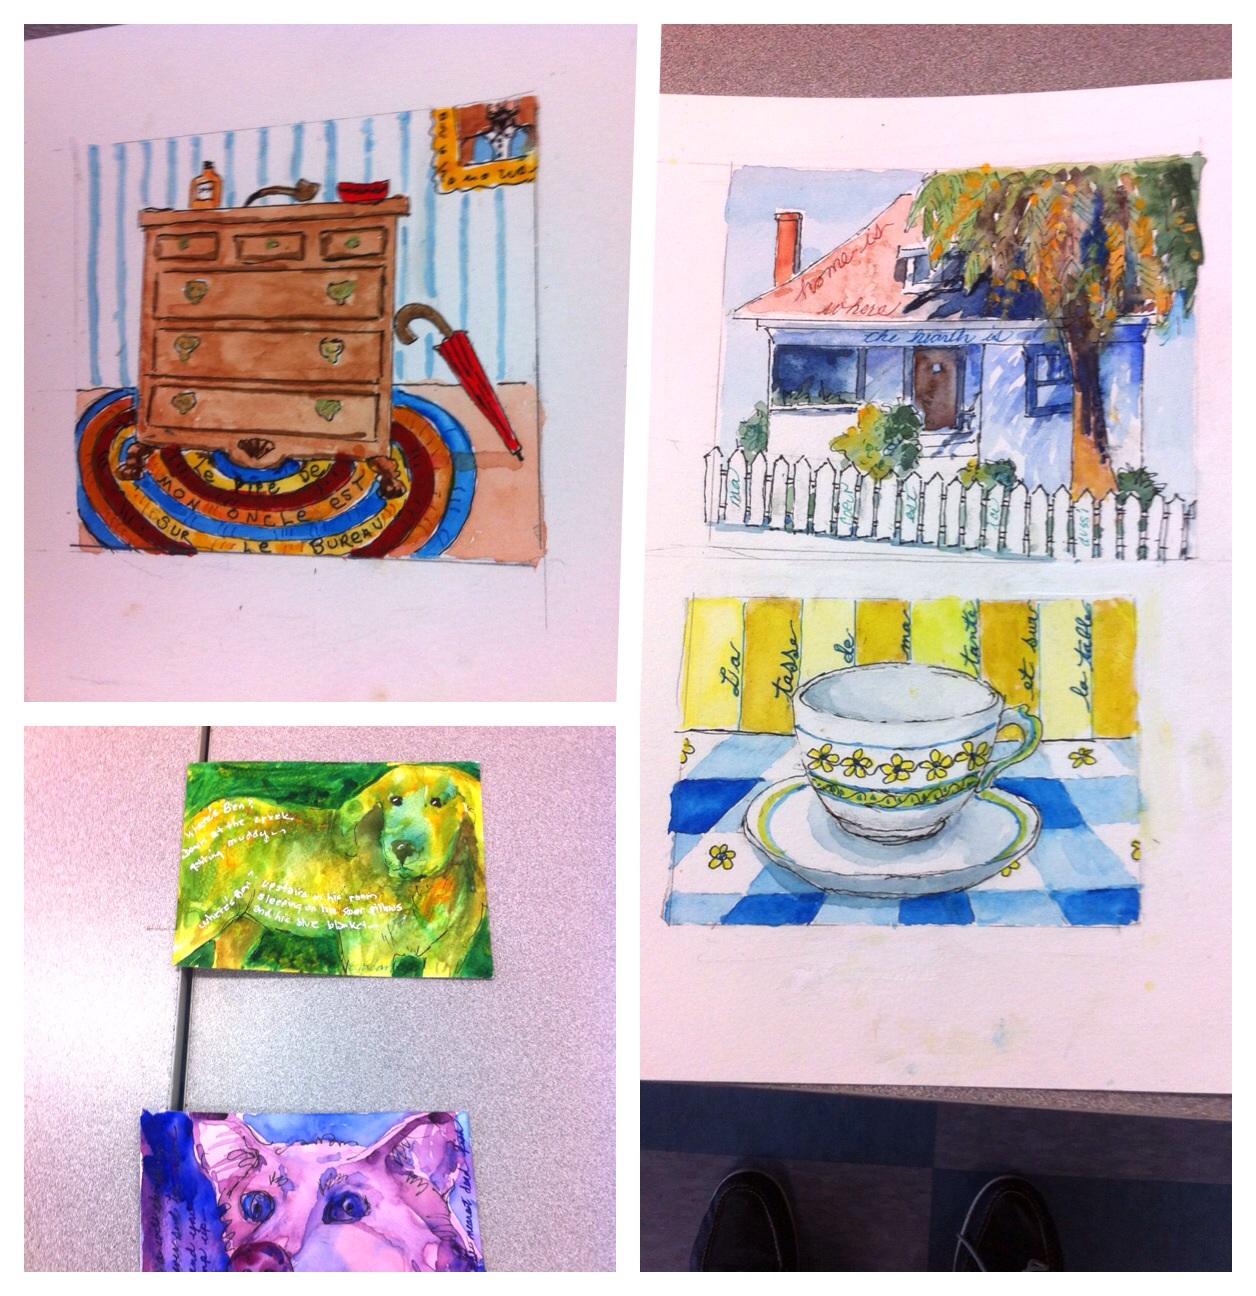 Edie's paintings